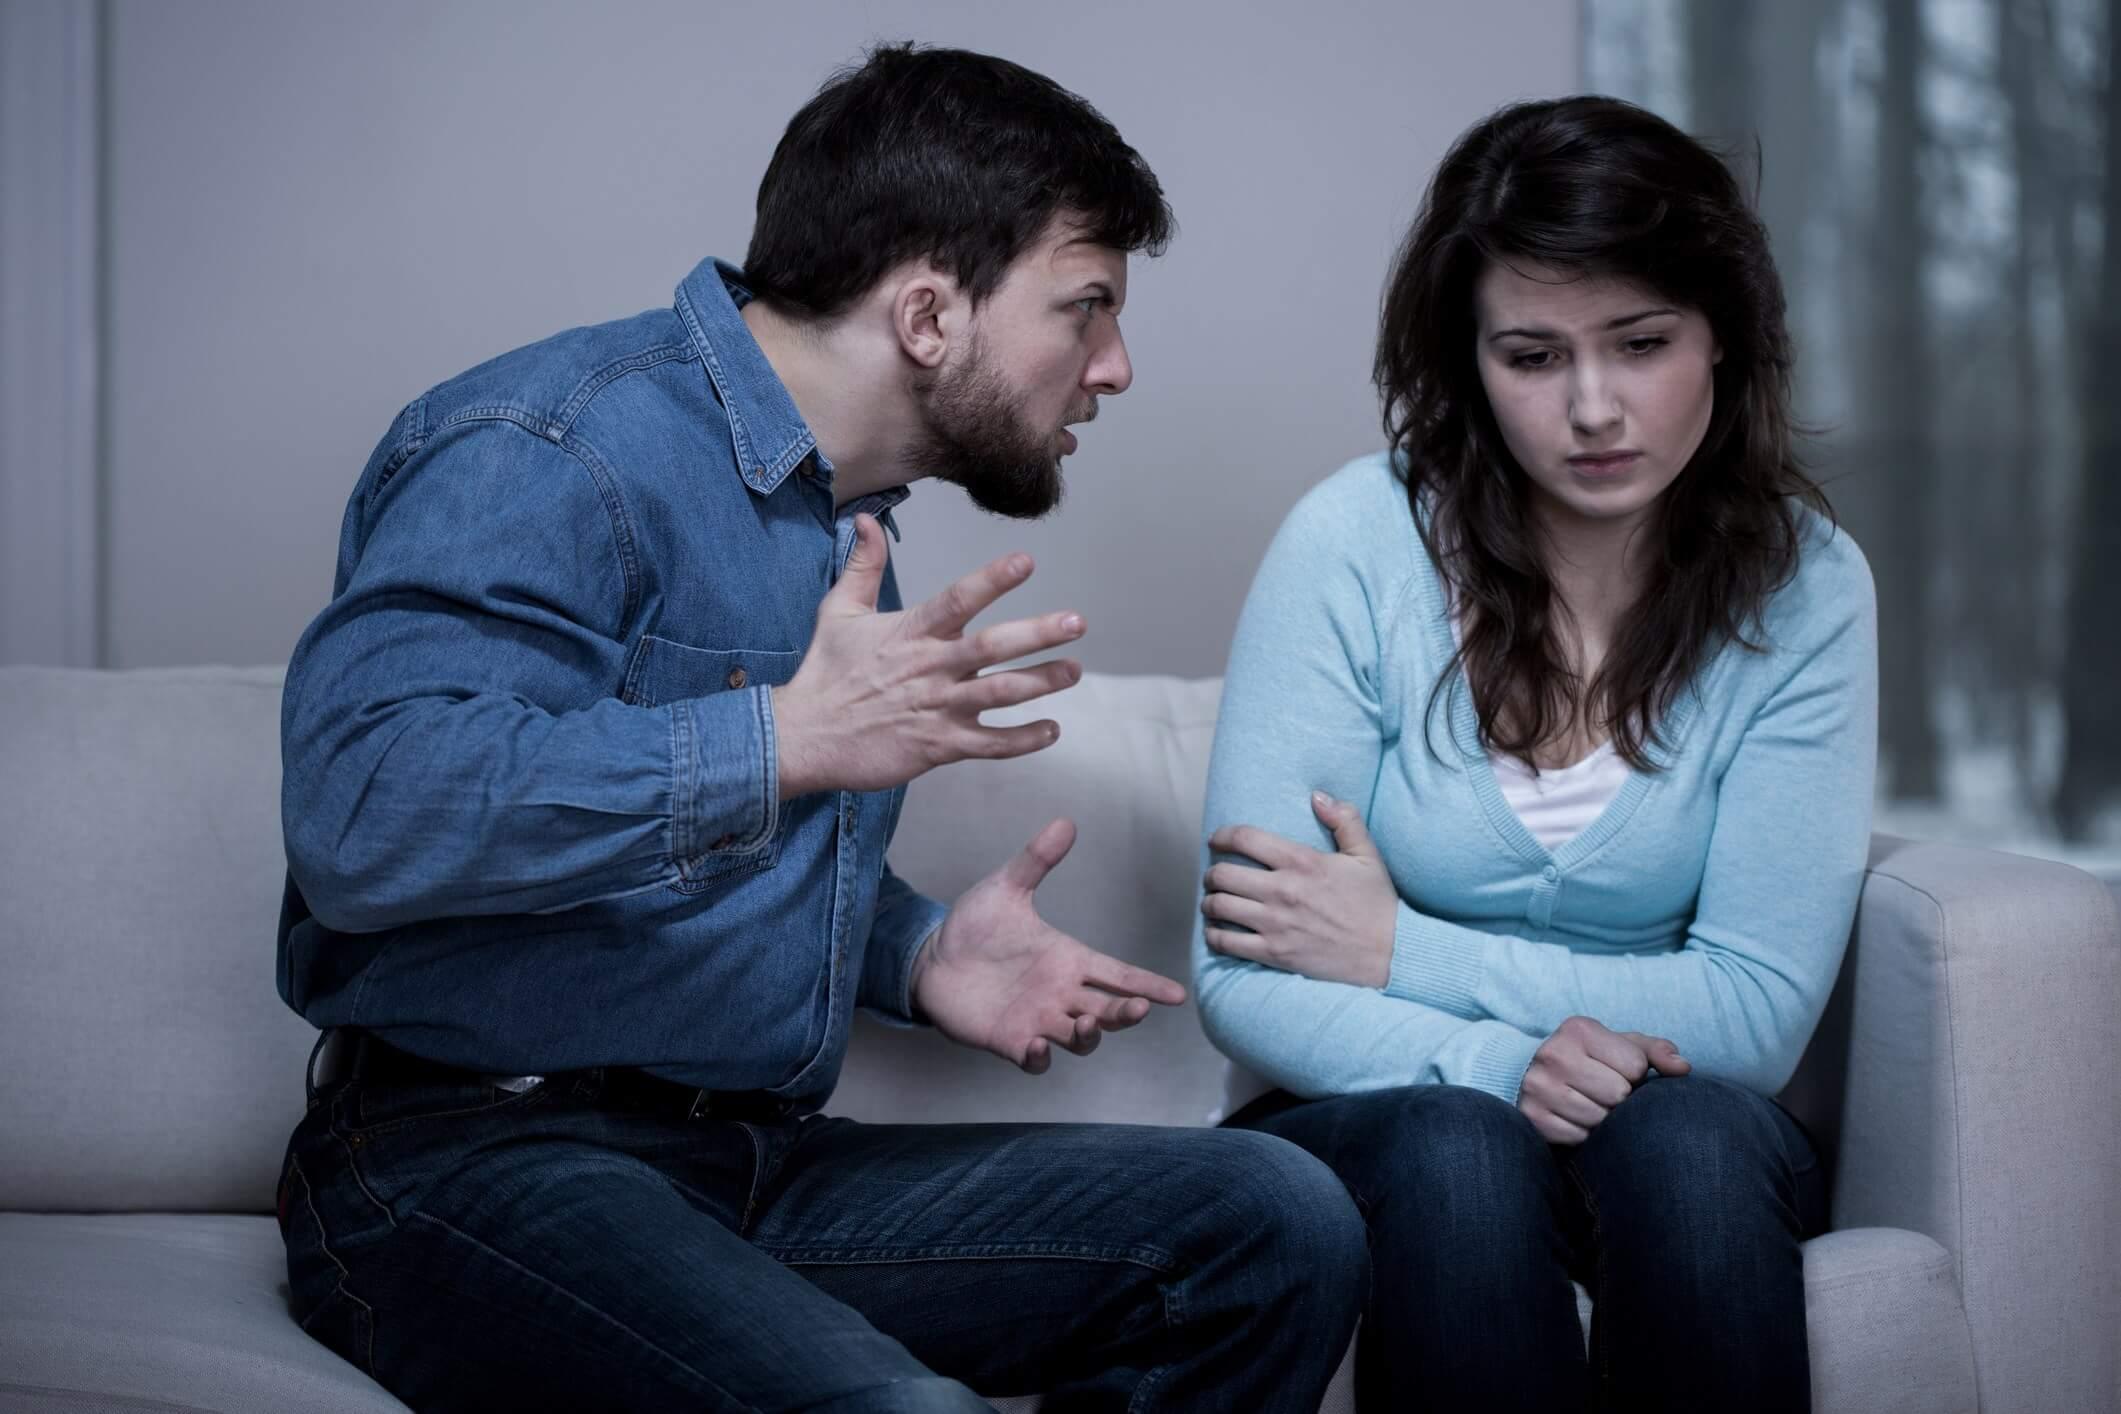 Психология: почему муж оскорбляет и унижает жену